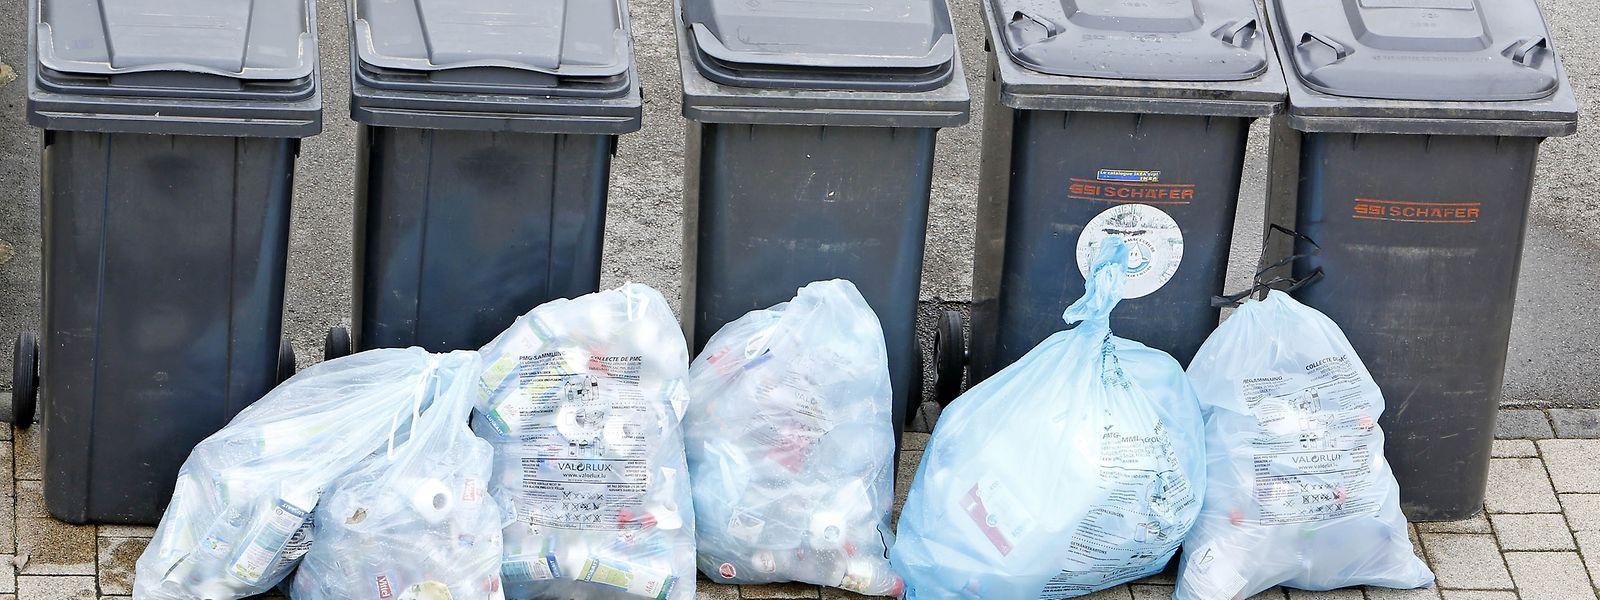 En moyenne, chaque Luxembourgeois produit 96 kg/an d'emballages à retraiter.